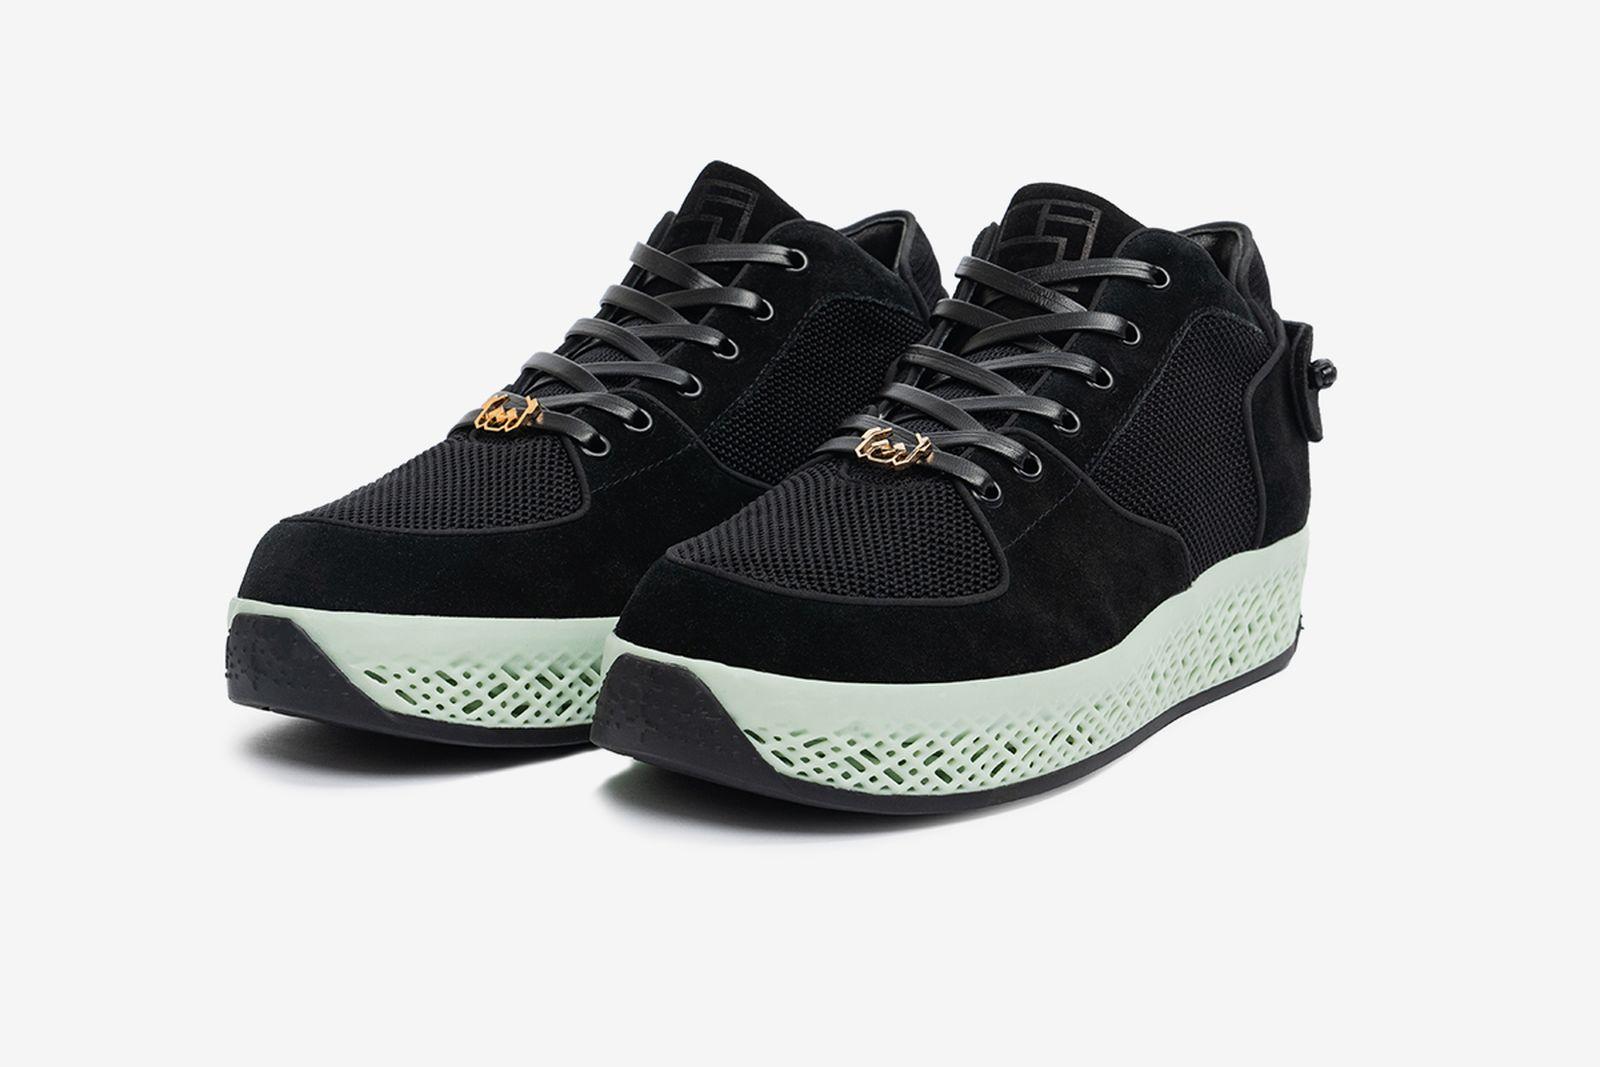 shang-zia-shuneaker-release-date-price-12